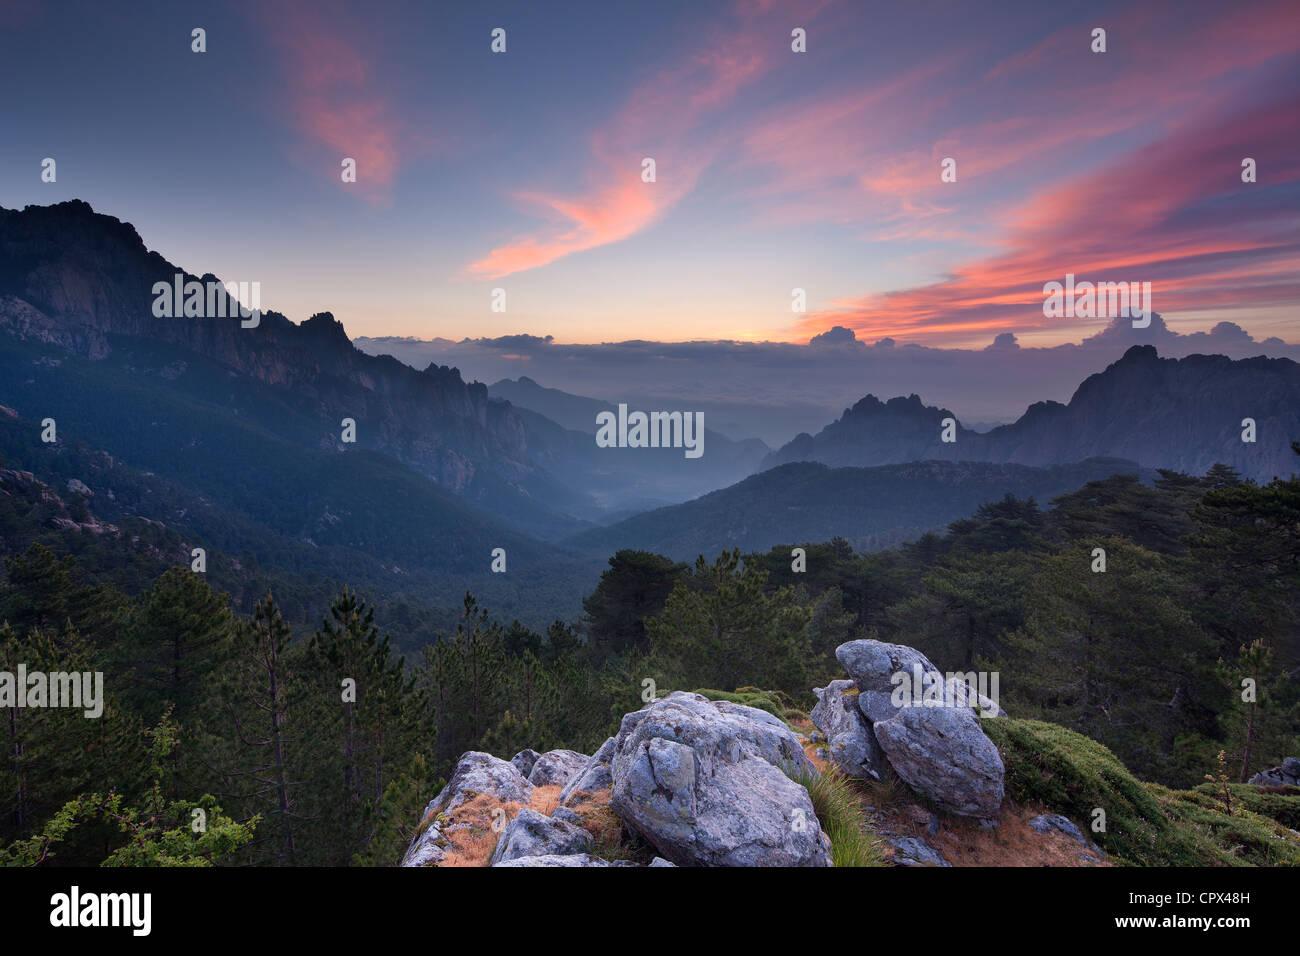 El Col de Bavella al amanecer, montañas de Bavella, Córcega, Francia Imagen De Stock